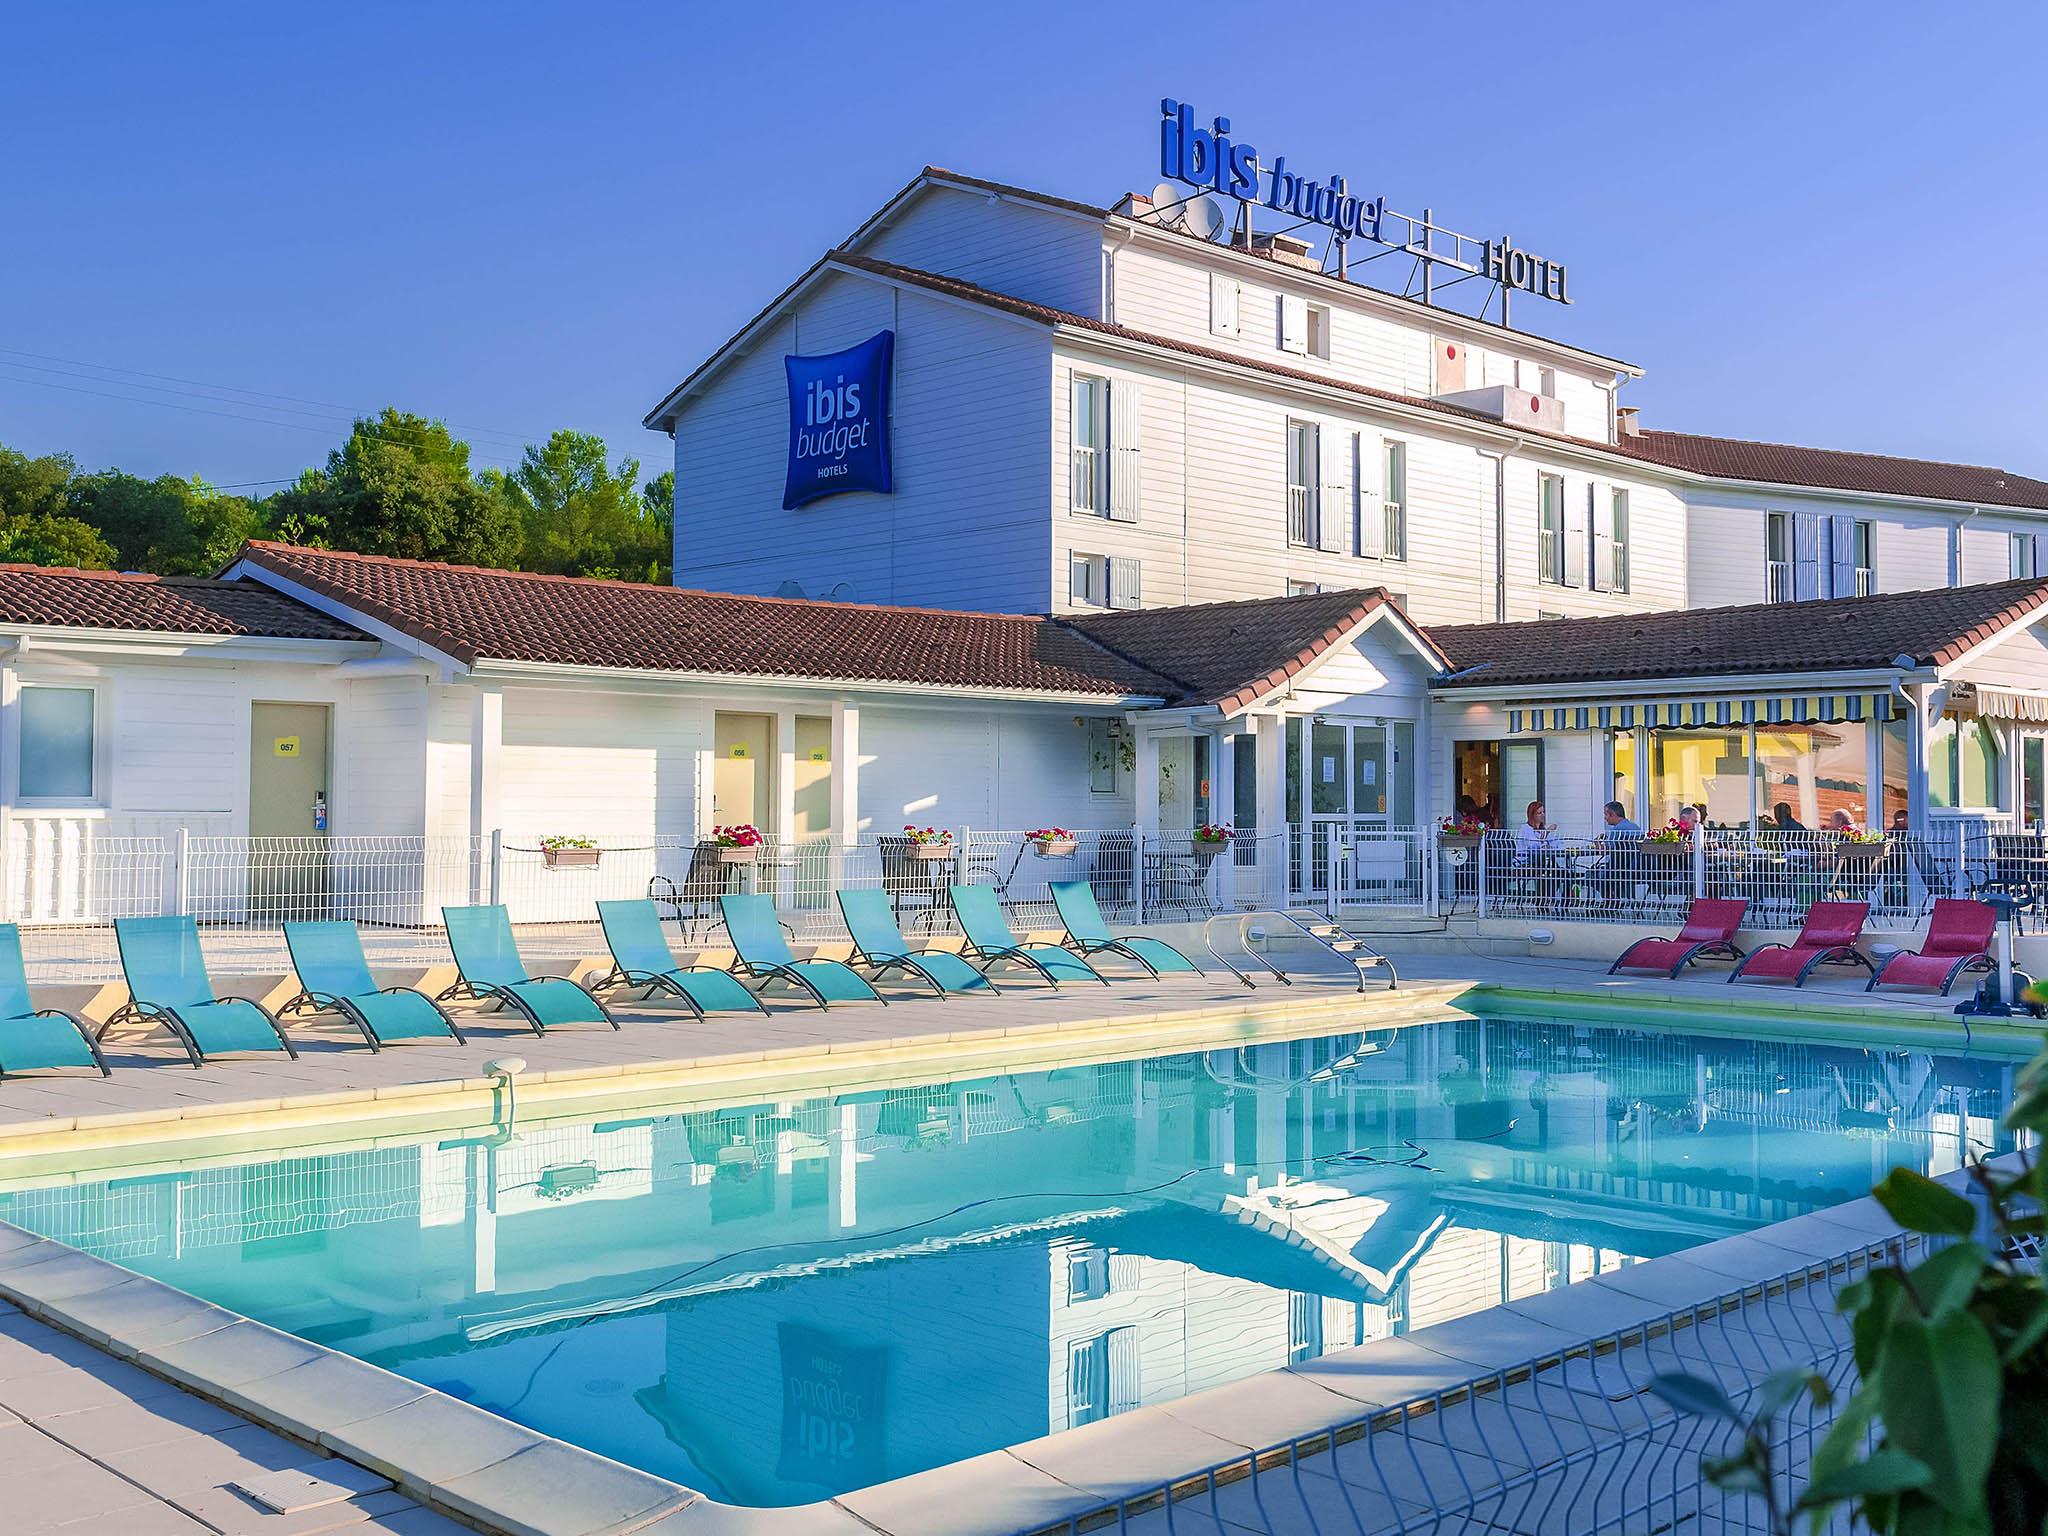 Hotel Ibis Budget Marguerittes